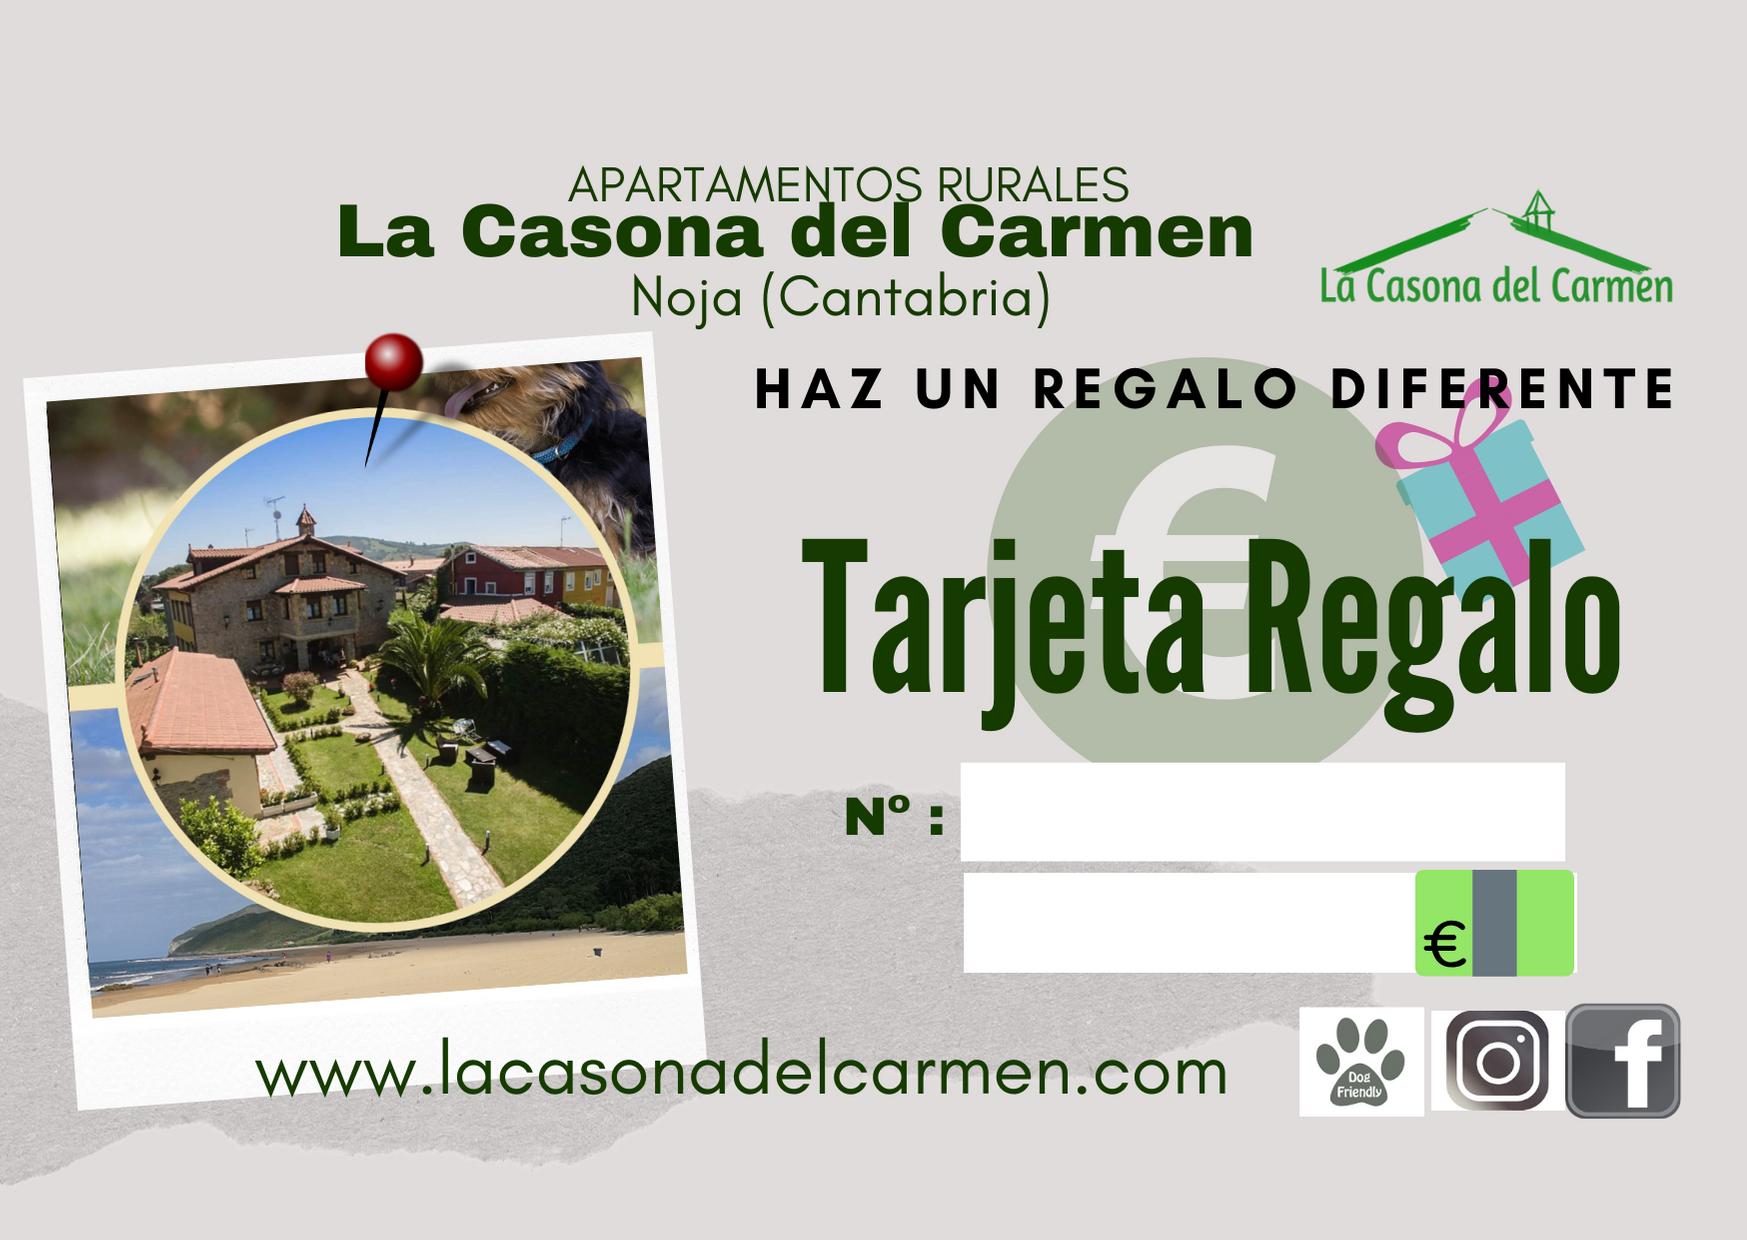 Tarjeta Regalo Apartamentos Rurales Cantabria